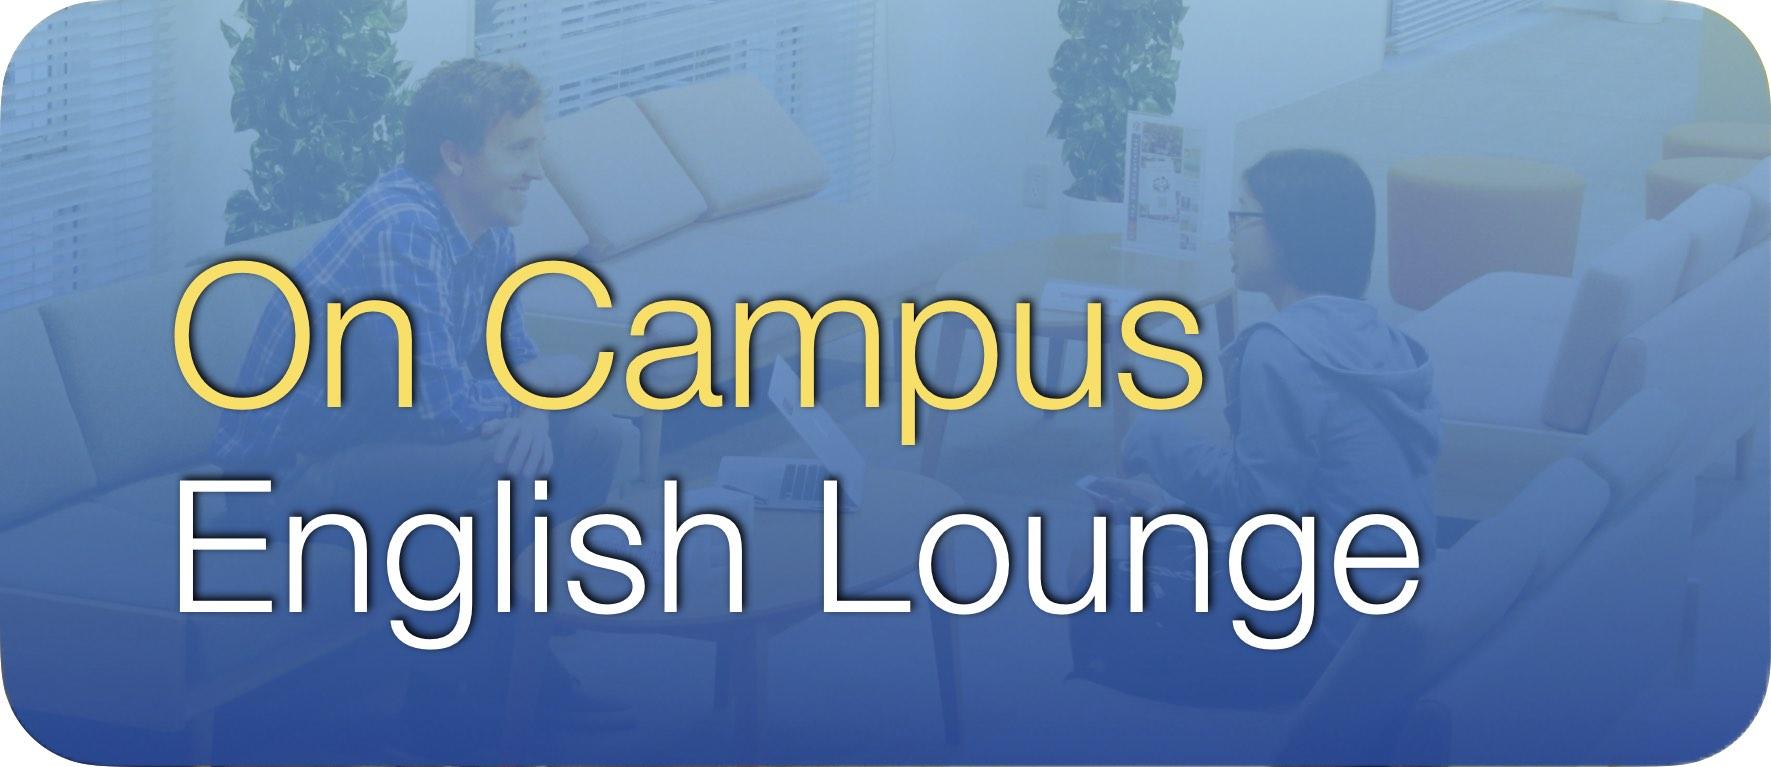 English Plaza English Lounge f2f 2020 Button